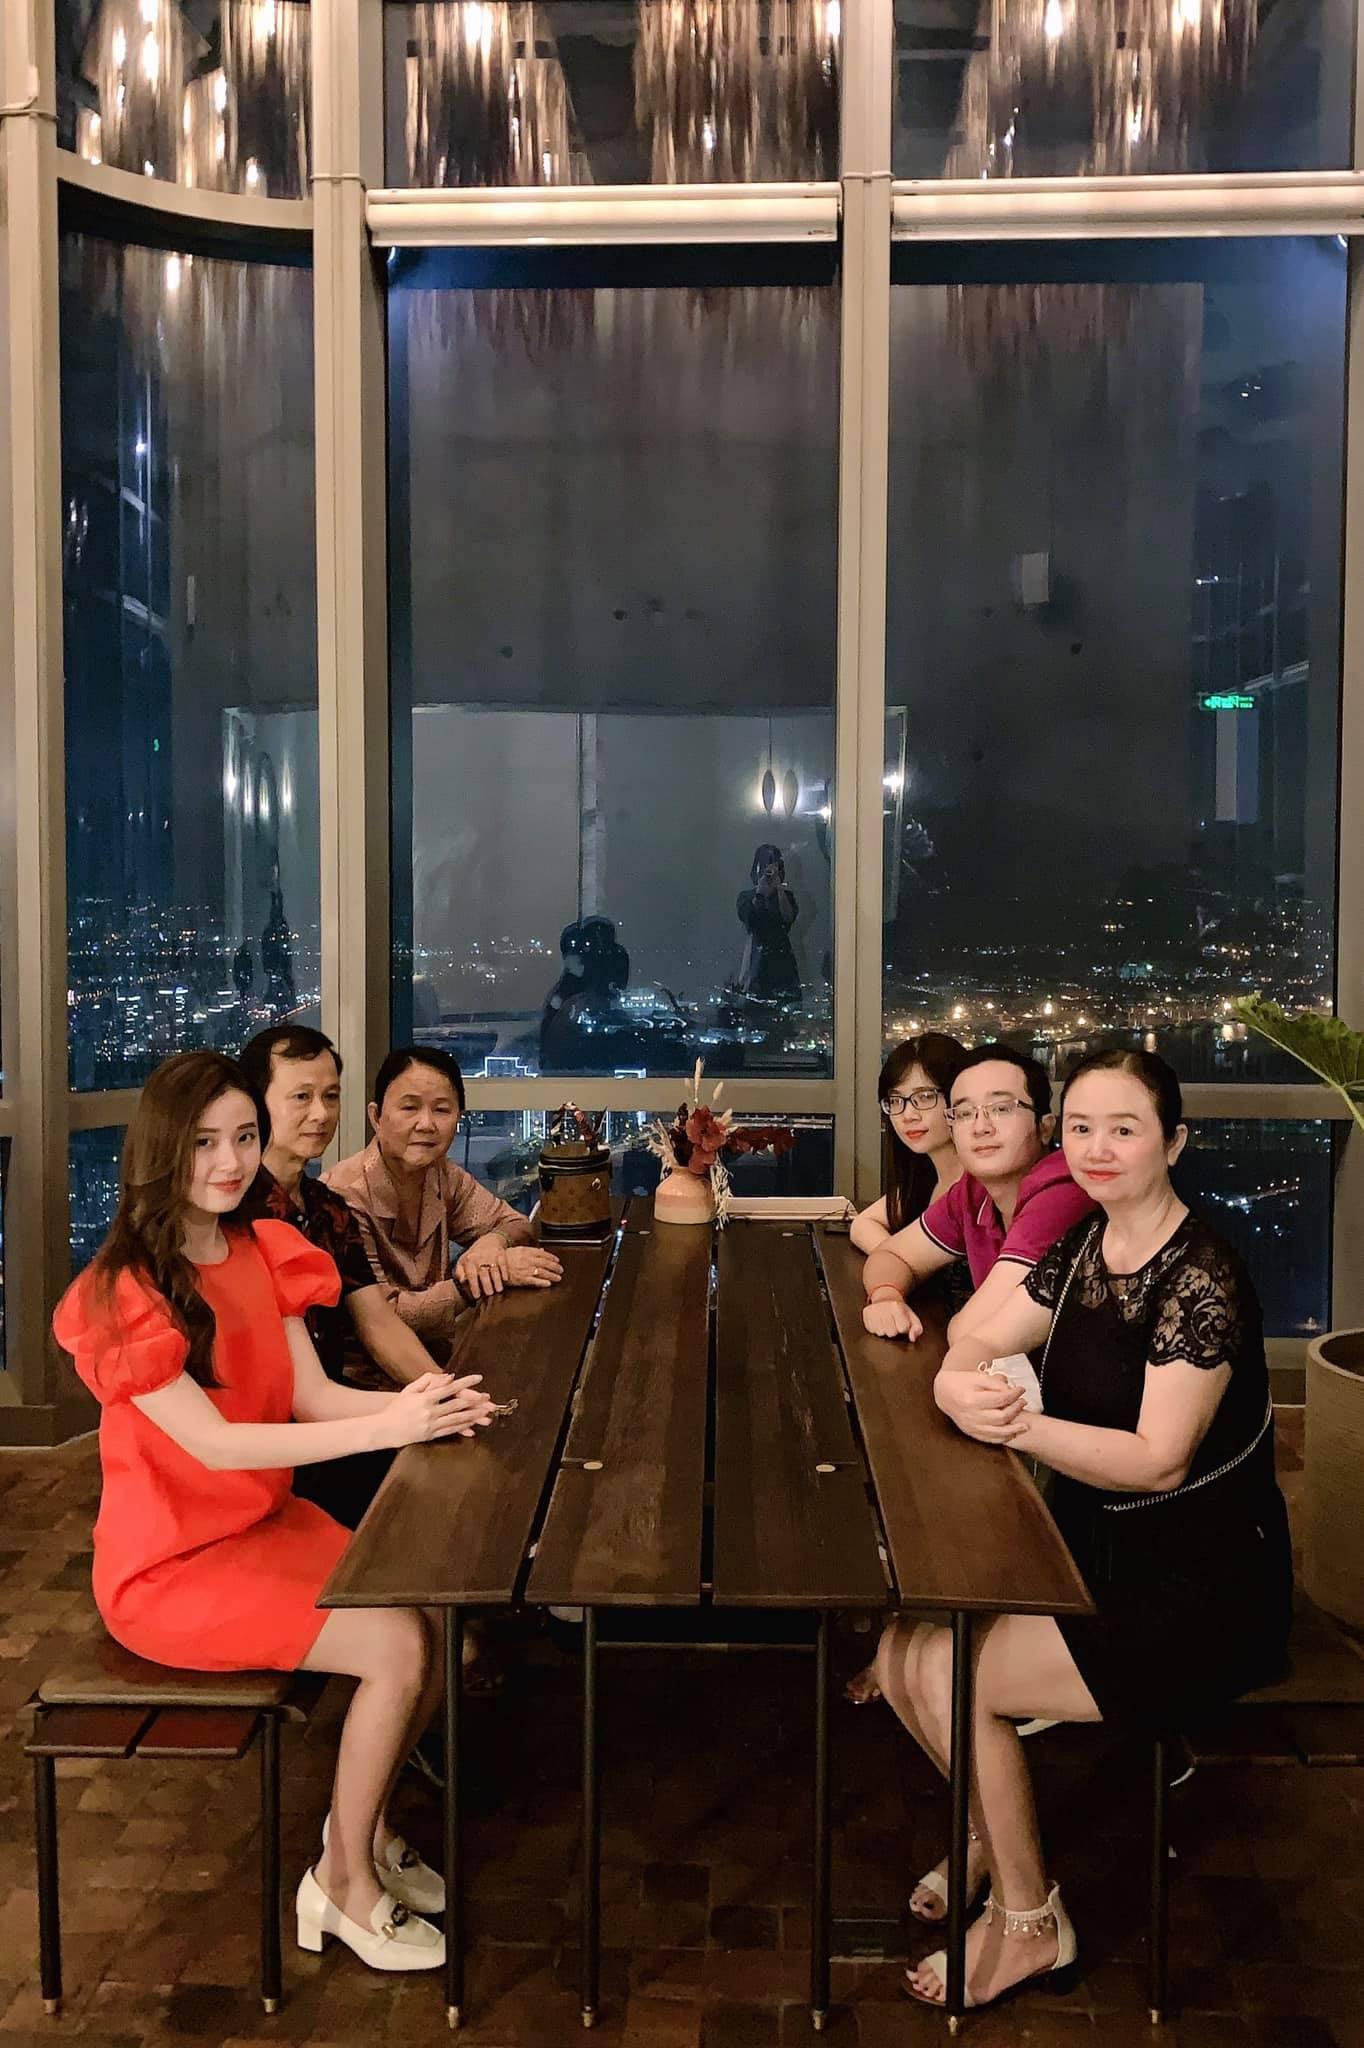 Lộ ảnh đi ăn tối, nhan sắc các thành viên trong gia đình hot girl Midu gây sốt